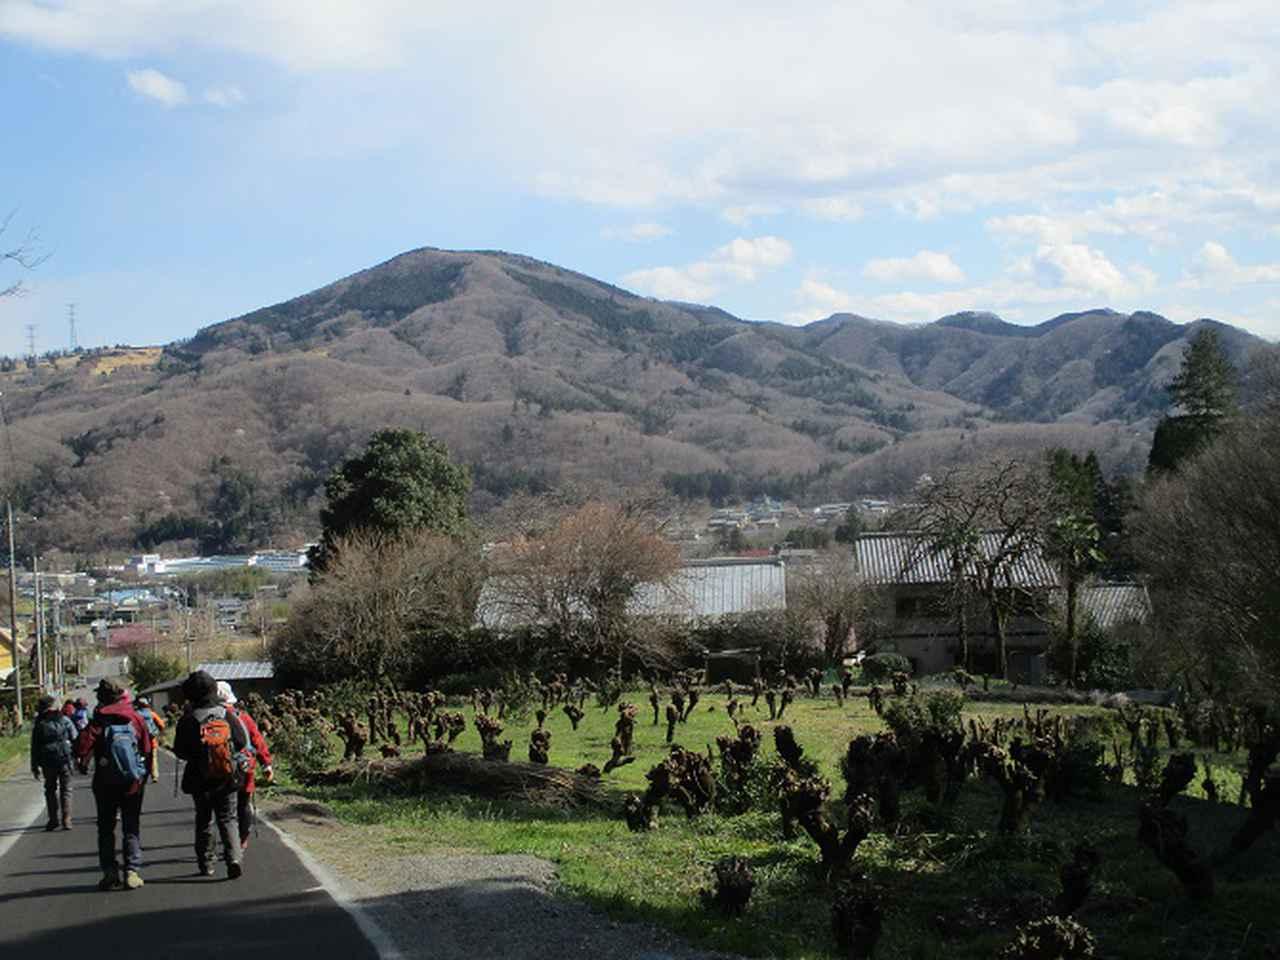 画像12: 岡田ガイドのコースで 陣見山 ツアーに行ってきました!